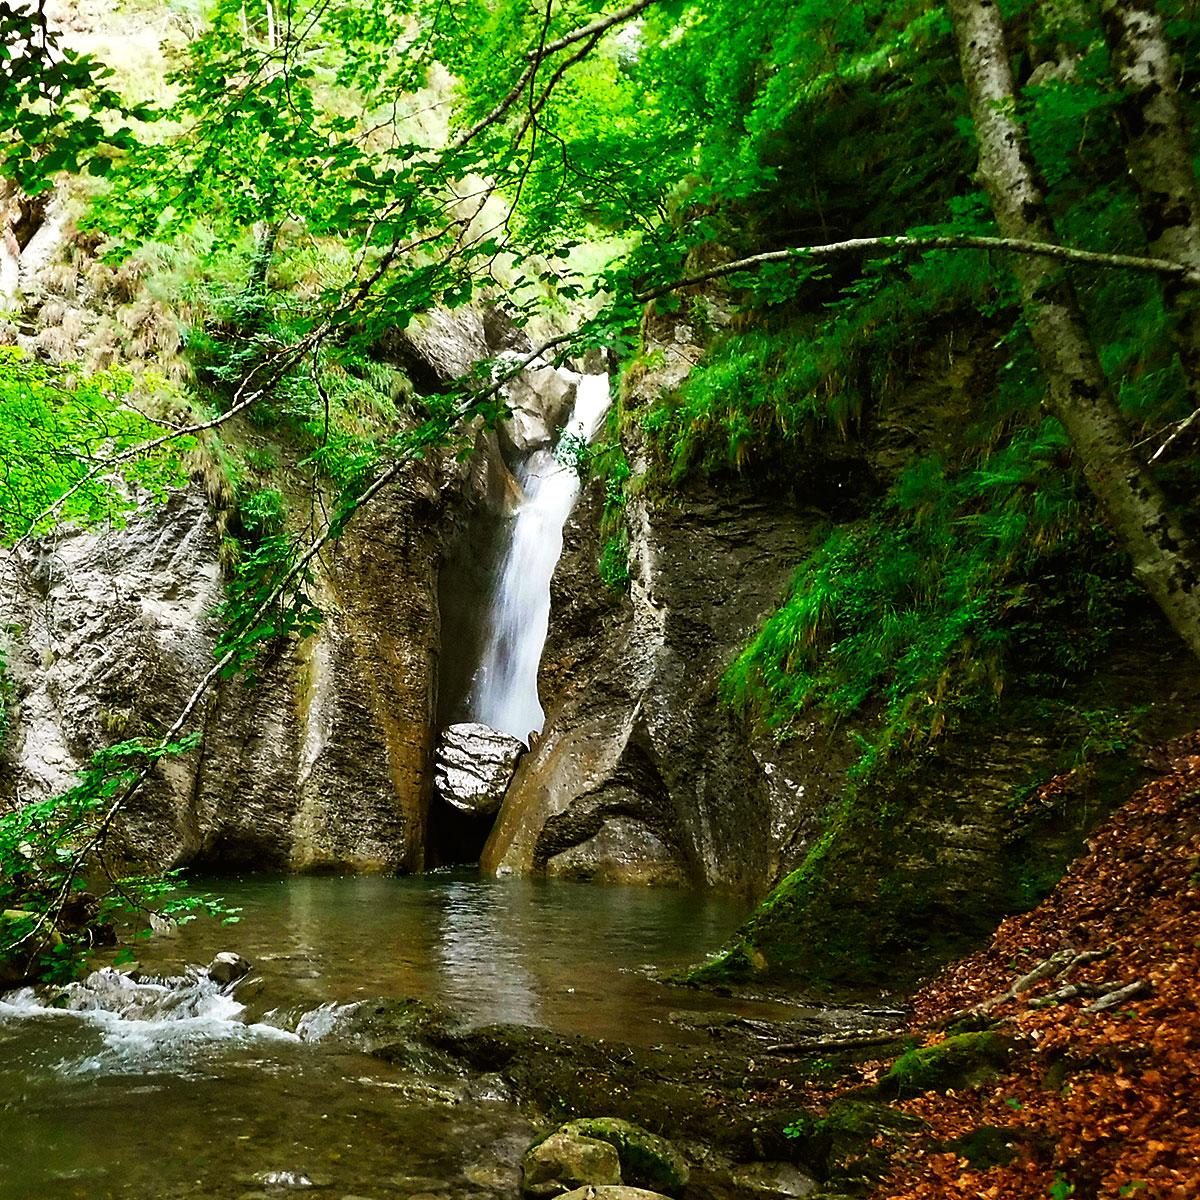 Barranquismo en Navarra, Belagua, Belagoa, Roncal, Descenso Barranco Jordan, Iniciación, descenso de aventura en un paraje natural axuberante. Guías de Barrancos.